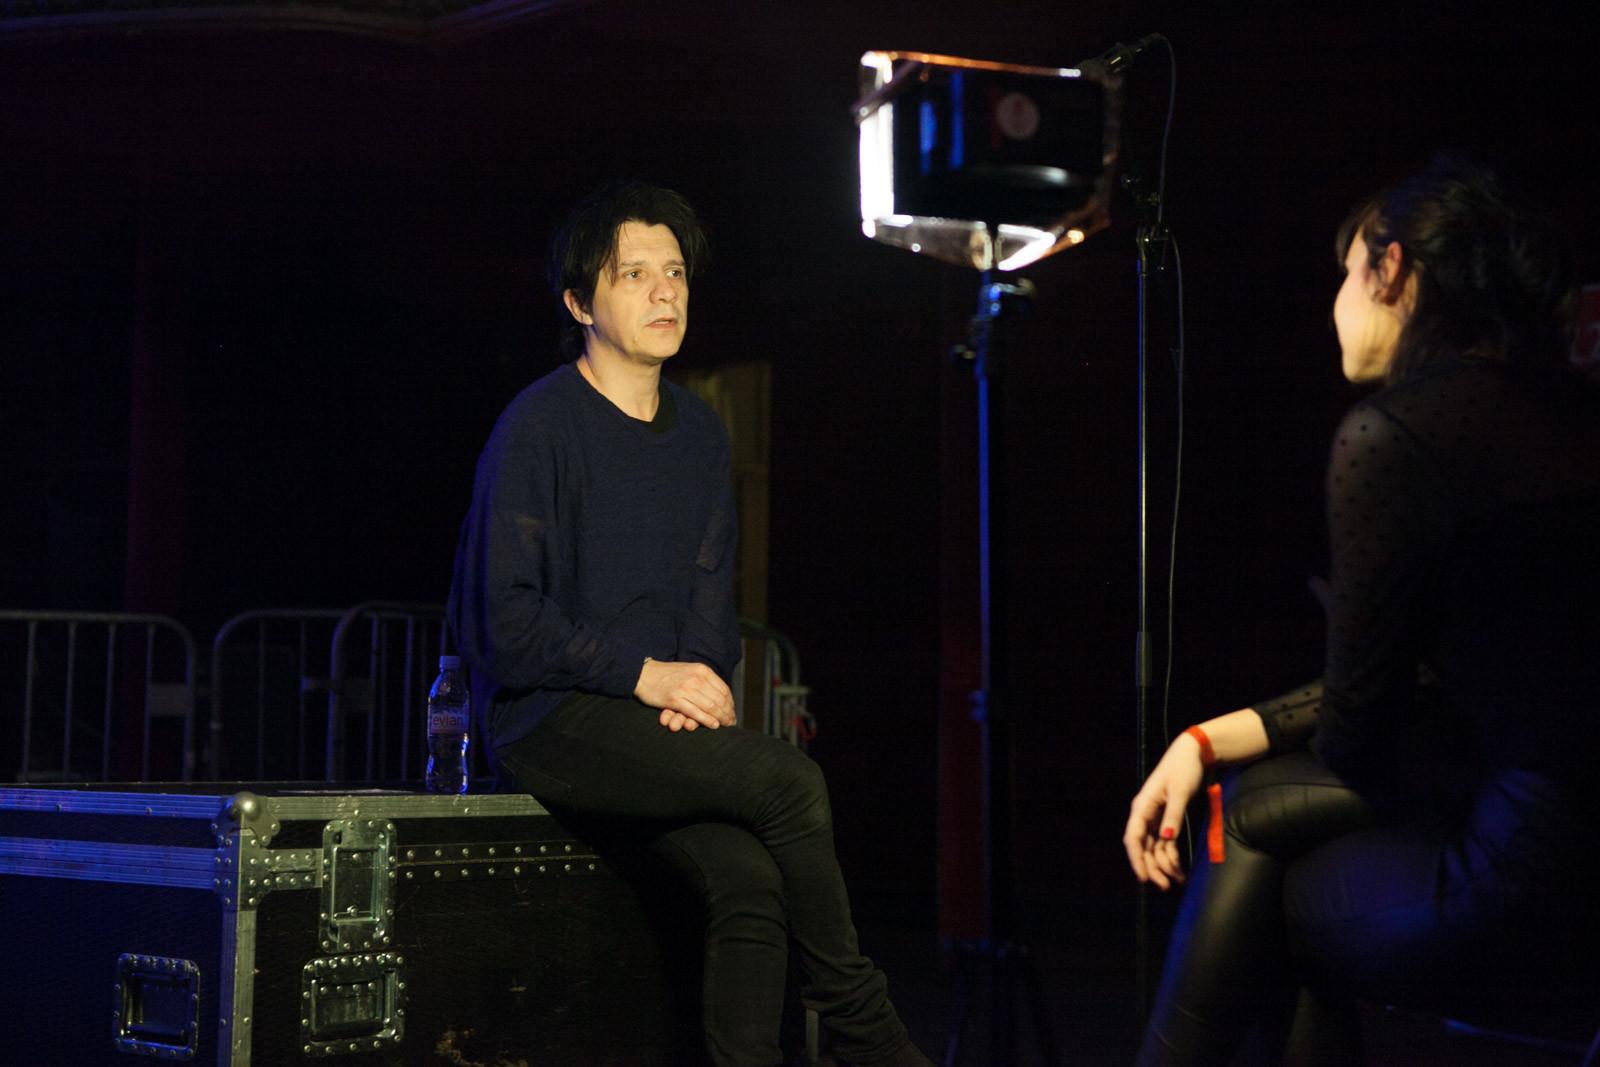 Nicola Sirkis parle du prochain album d'Indochine à RTL2.fr